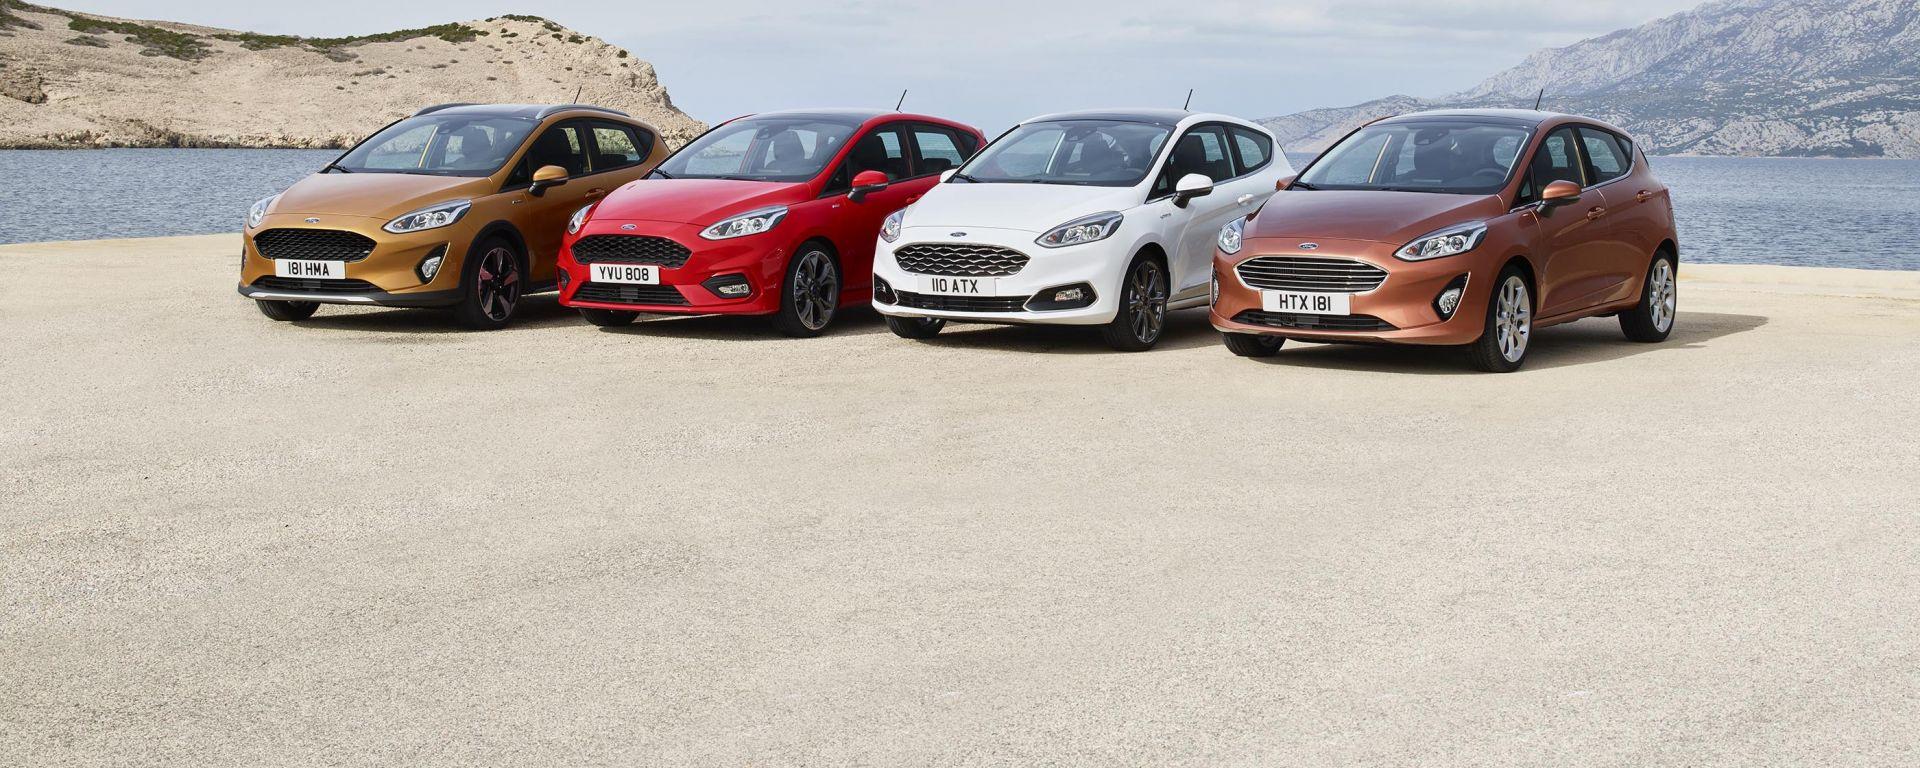 Nuova Ford Fiesta: le 4 varianti della nuova generazione della piccola dell'Ovale Blu